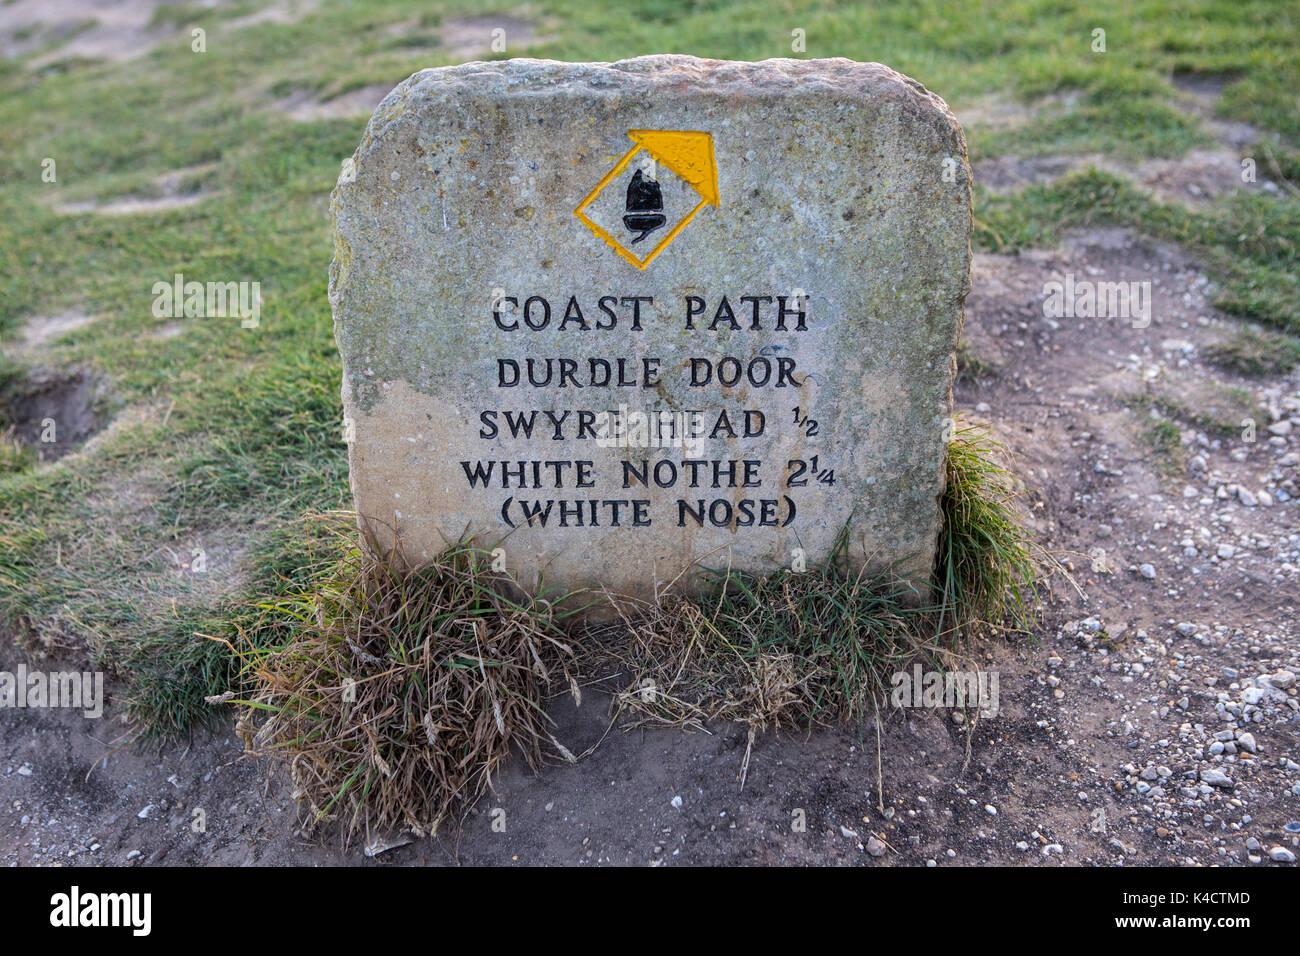 Un marcador en la costa sur oeste de path que muestra las direcciones a durdle door, blanco y cabeza swyre nothe en Dorset, Reino Unido. Foto de stock